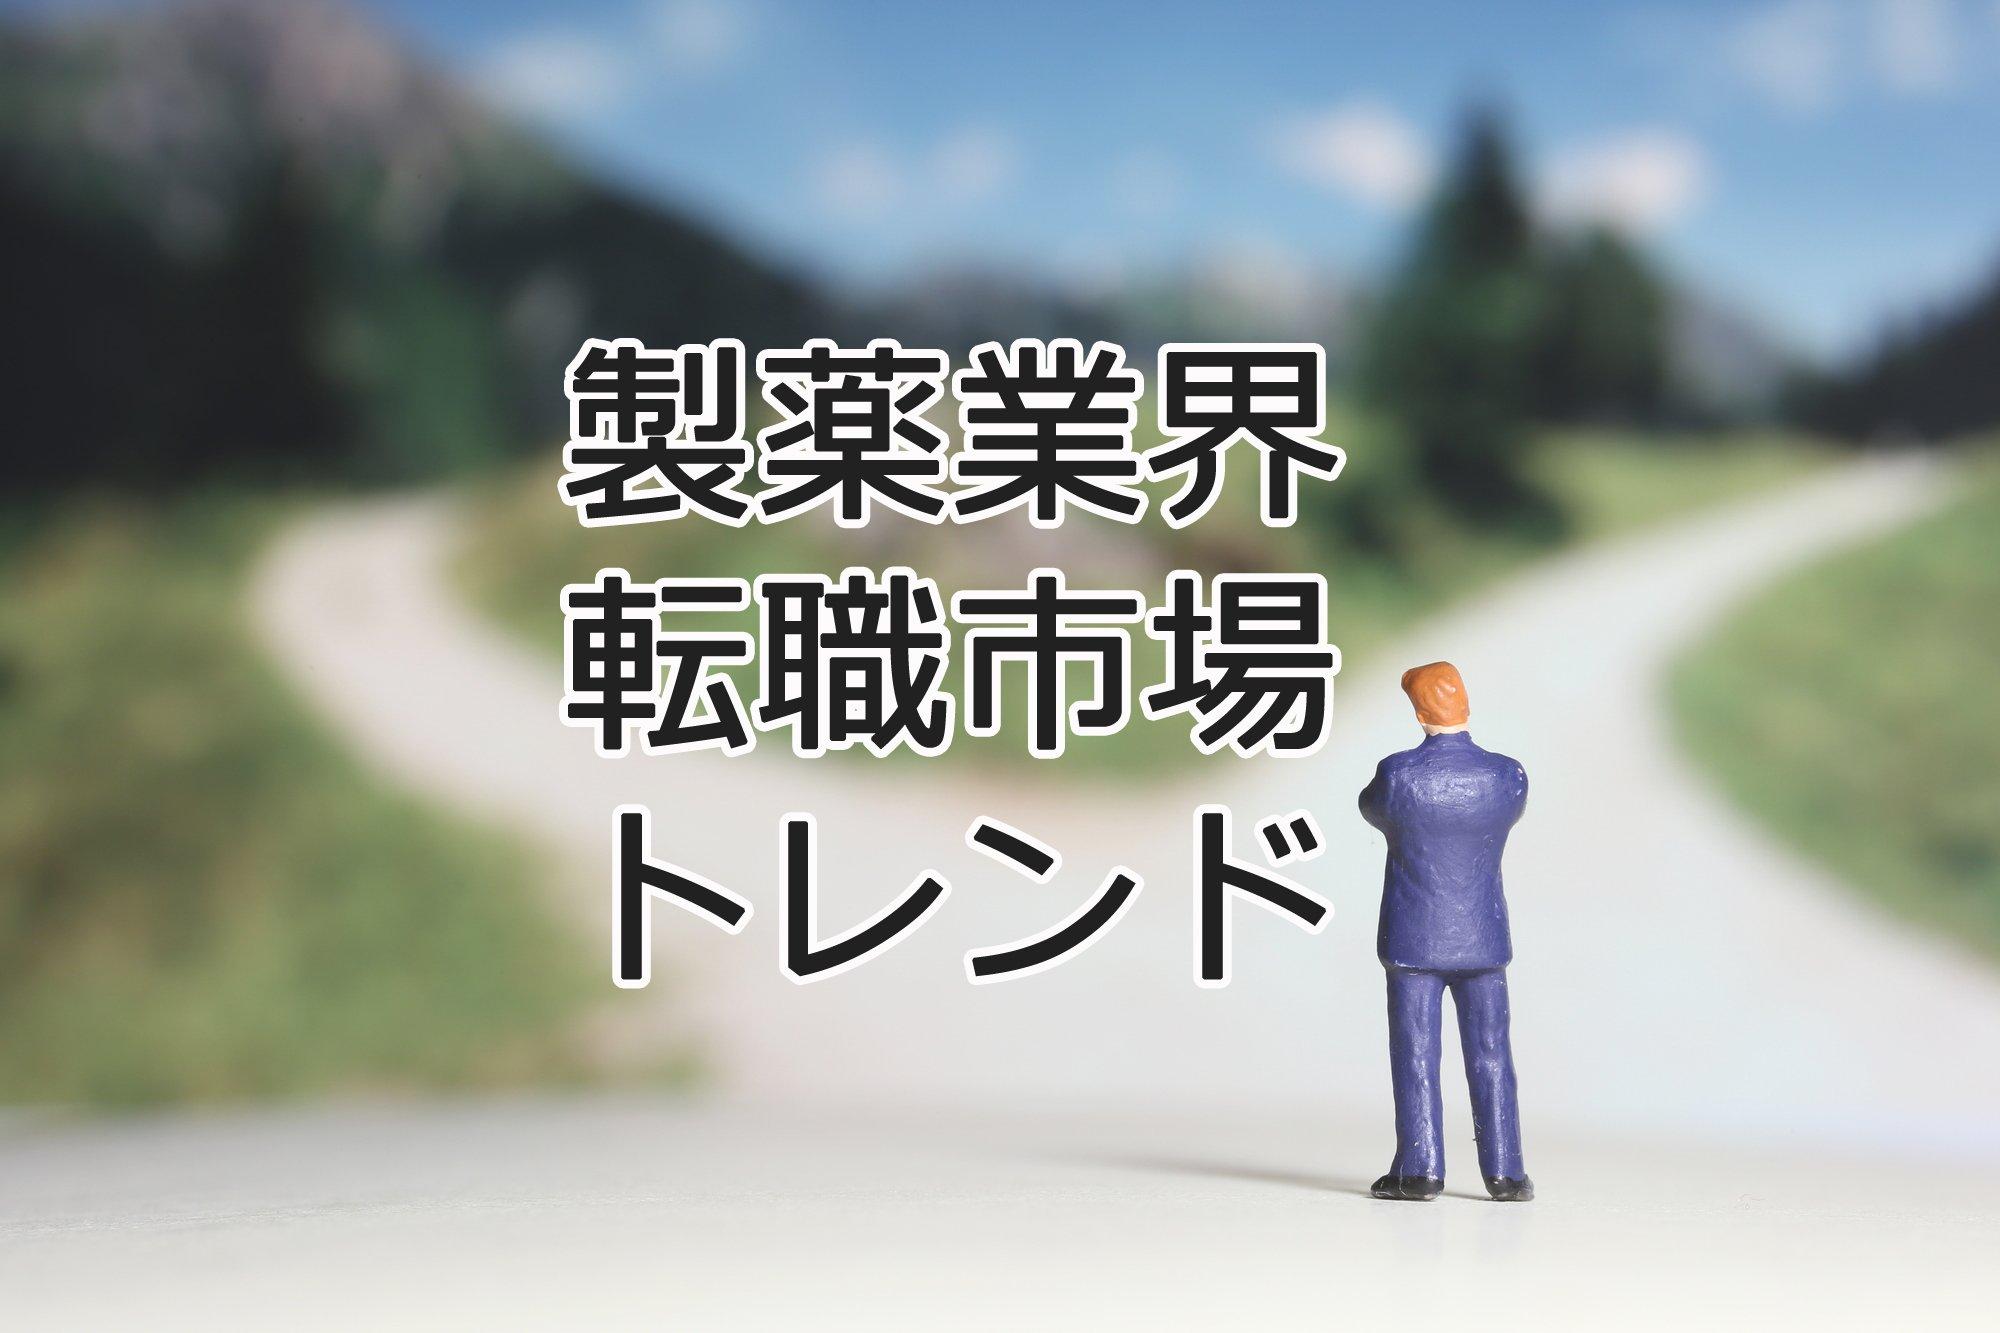 転職市場トレンド・アイキャッチ